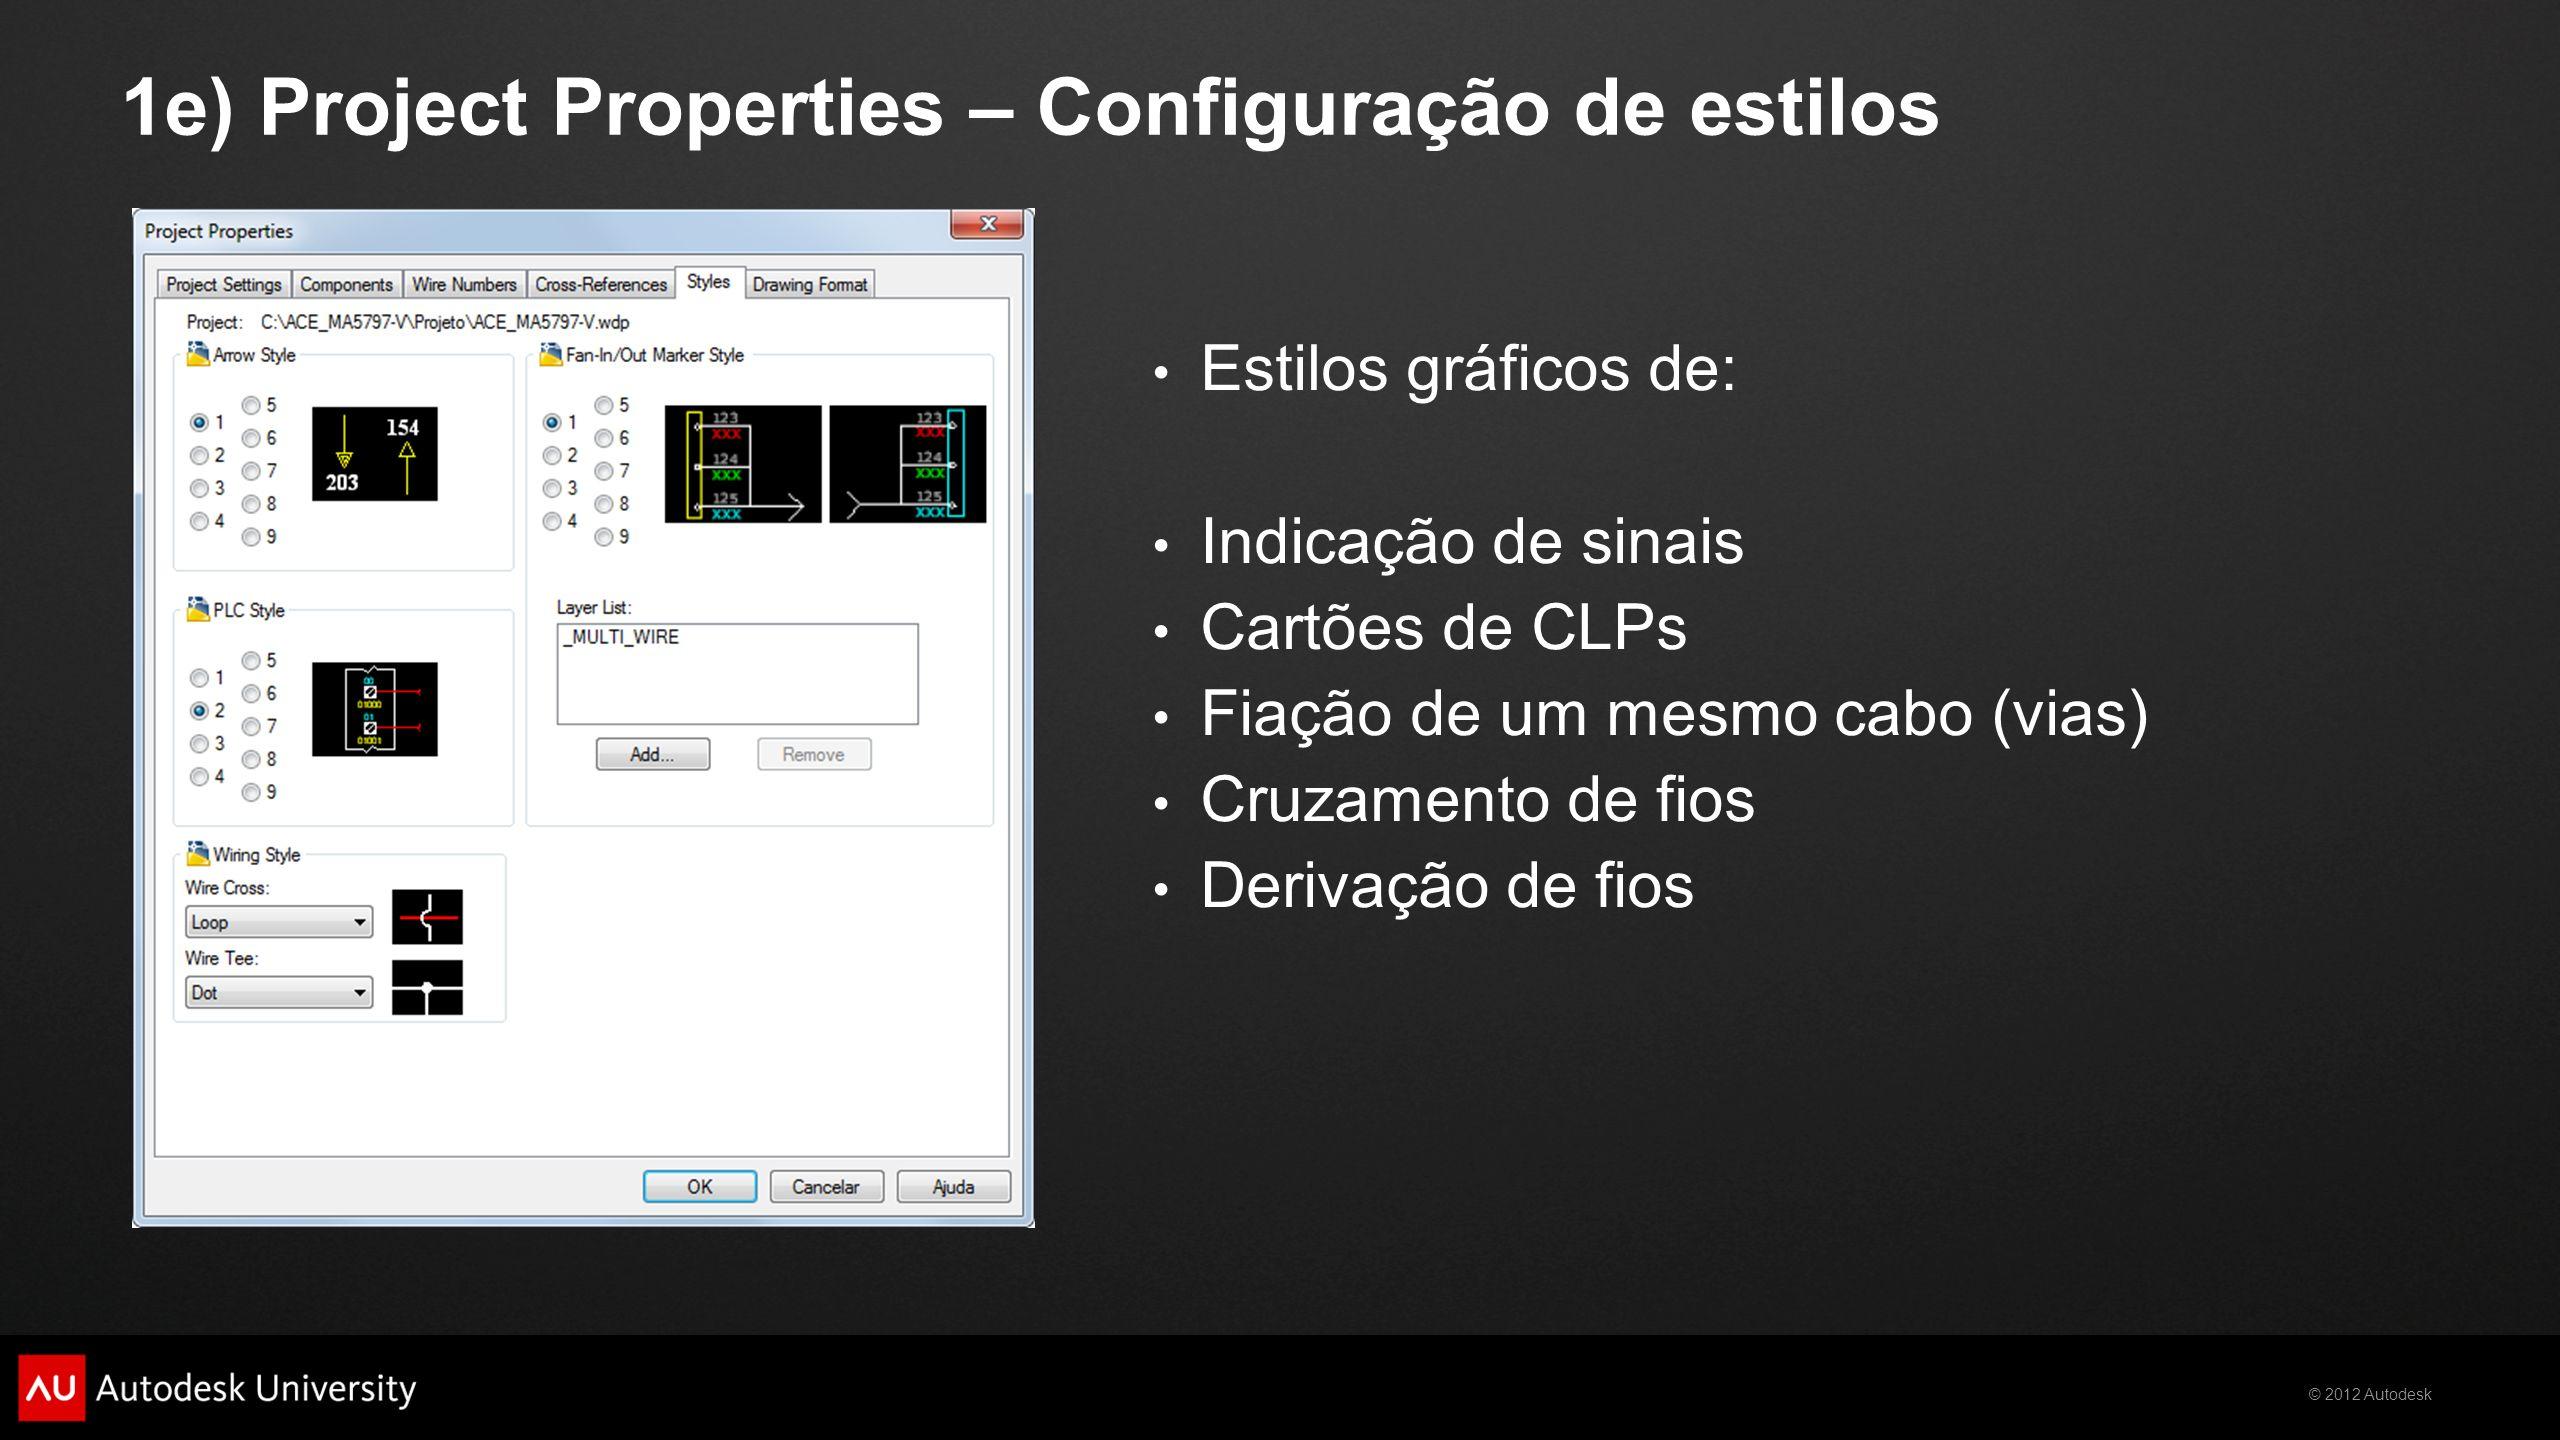 © 2012 Autodesk 1e) Project Properties – Configuração de estilos Estilos gráficos de: Indicação de sinais Cartões de CLPs Fiação de um mesmo cabo (via